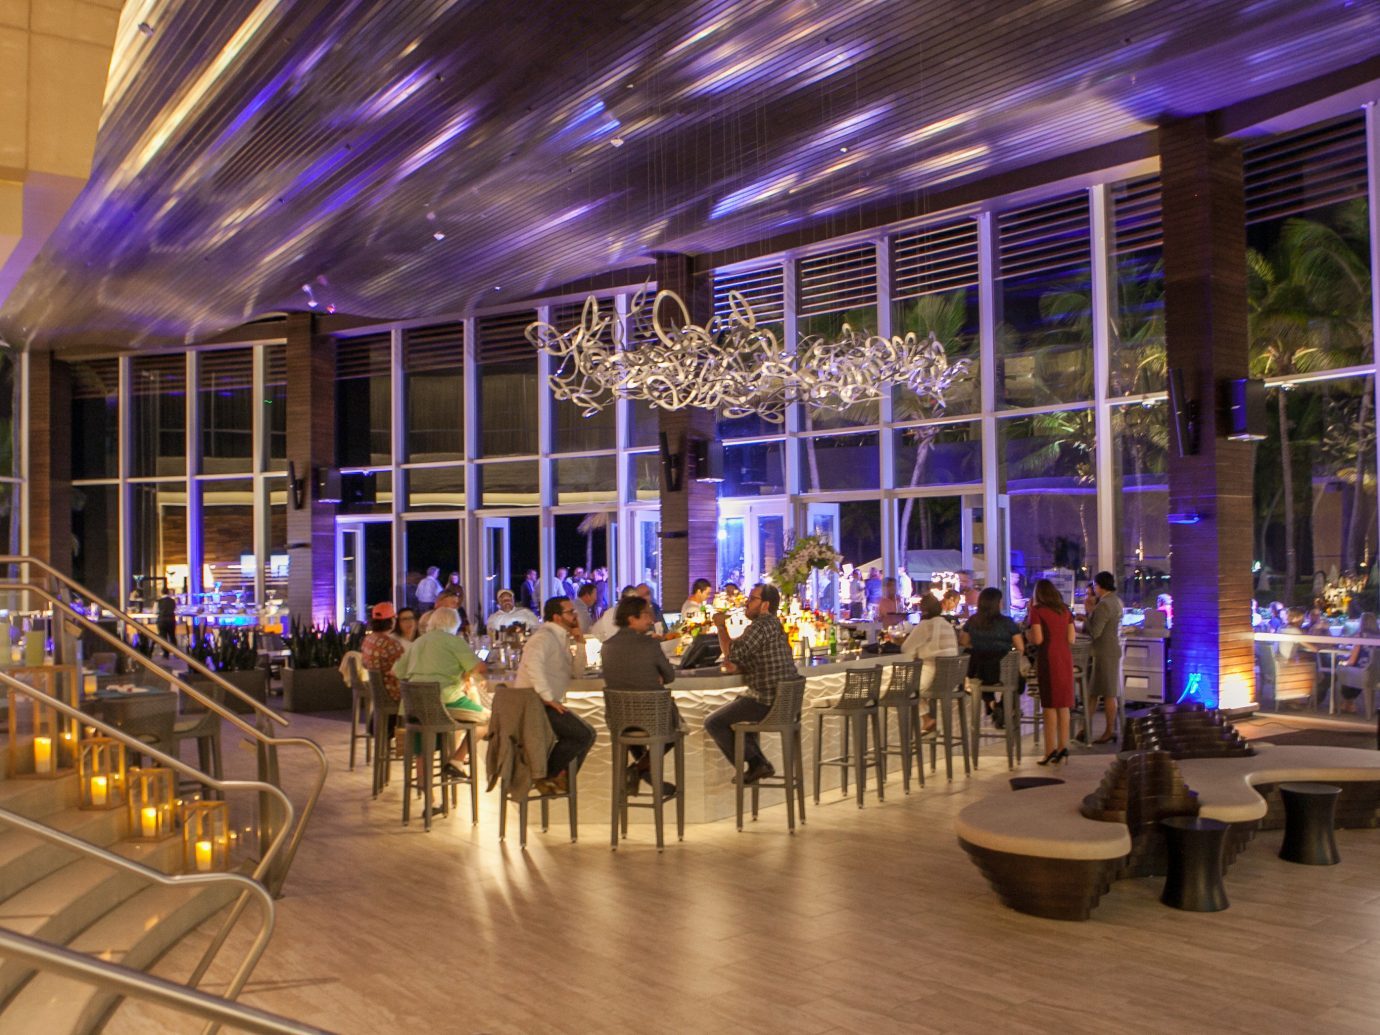 Food + Drink floor building indoor function hall shopping mall Lobby convention center interior design ballroom Resort auditorium night